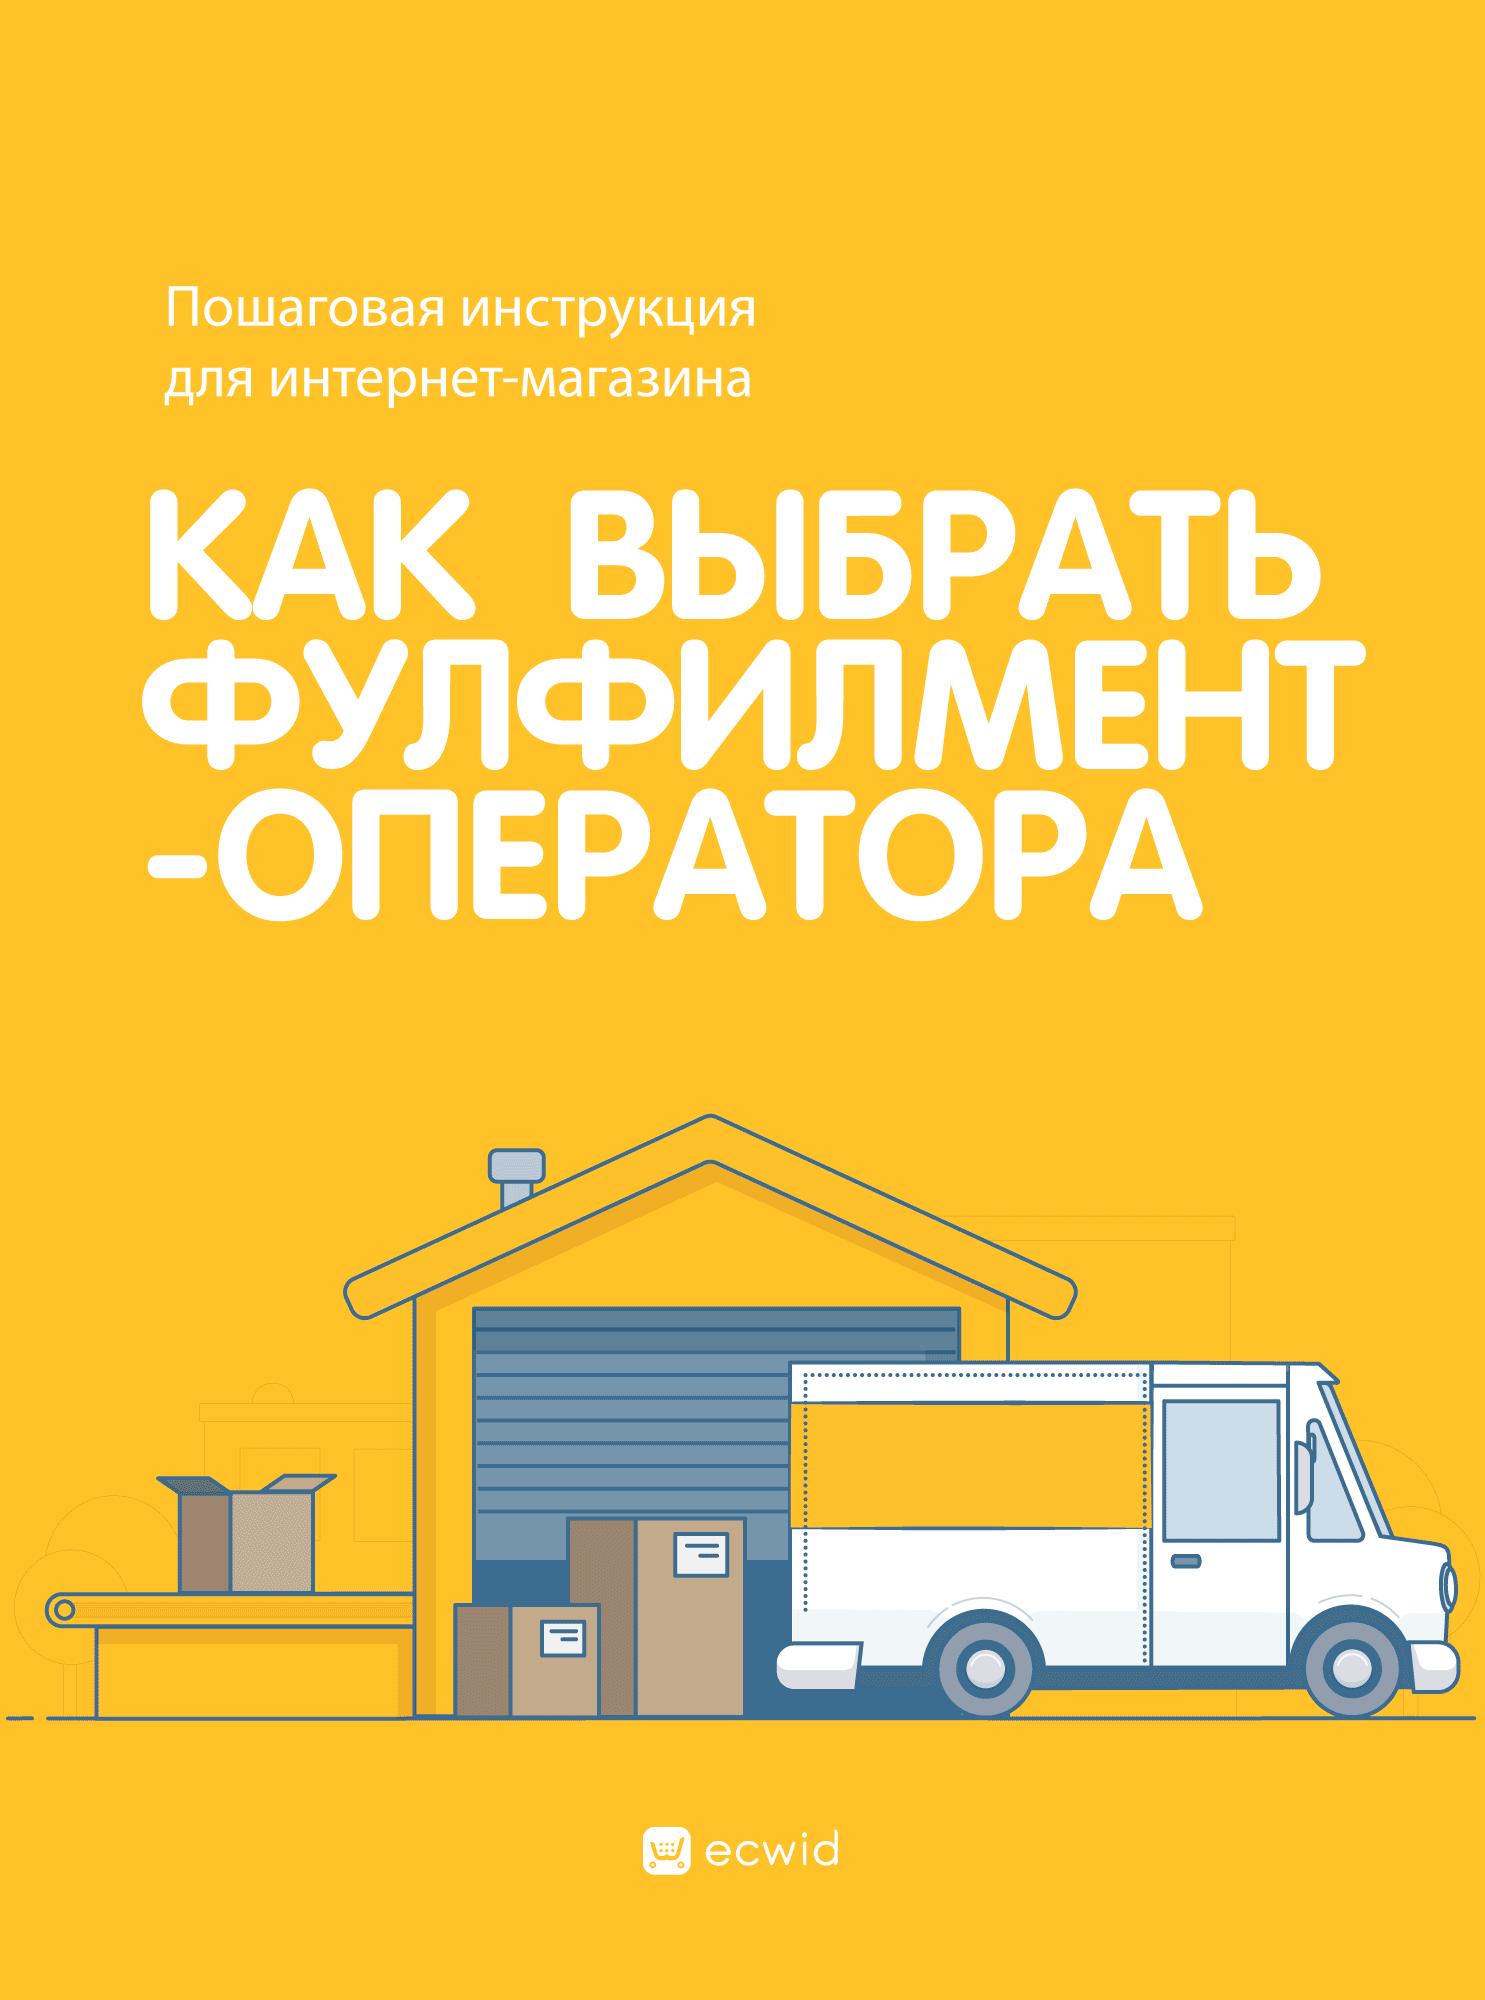 Инструкция: как выбрать фулфилмент-оператора для интернет-магазина